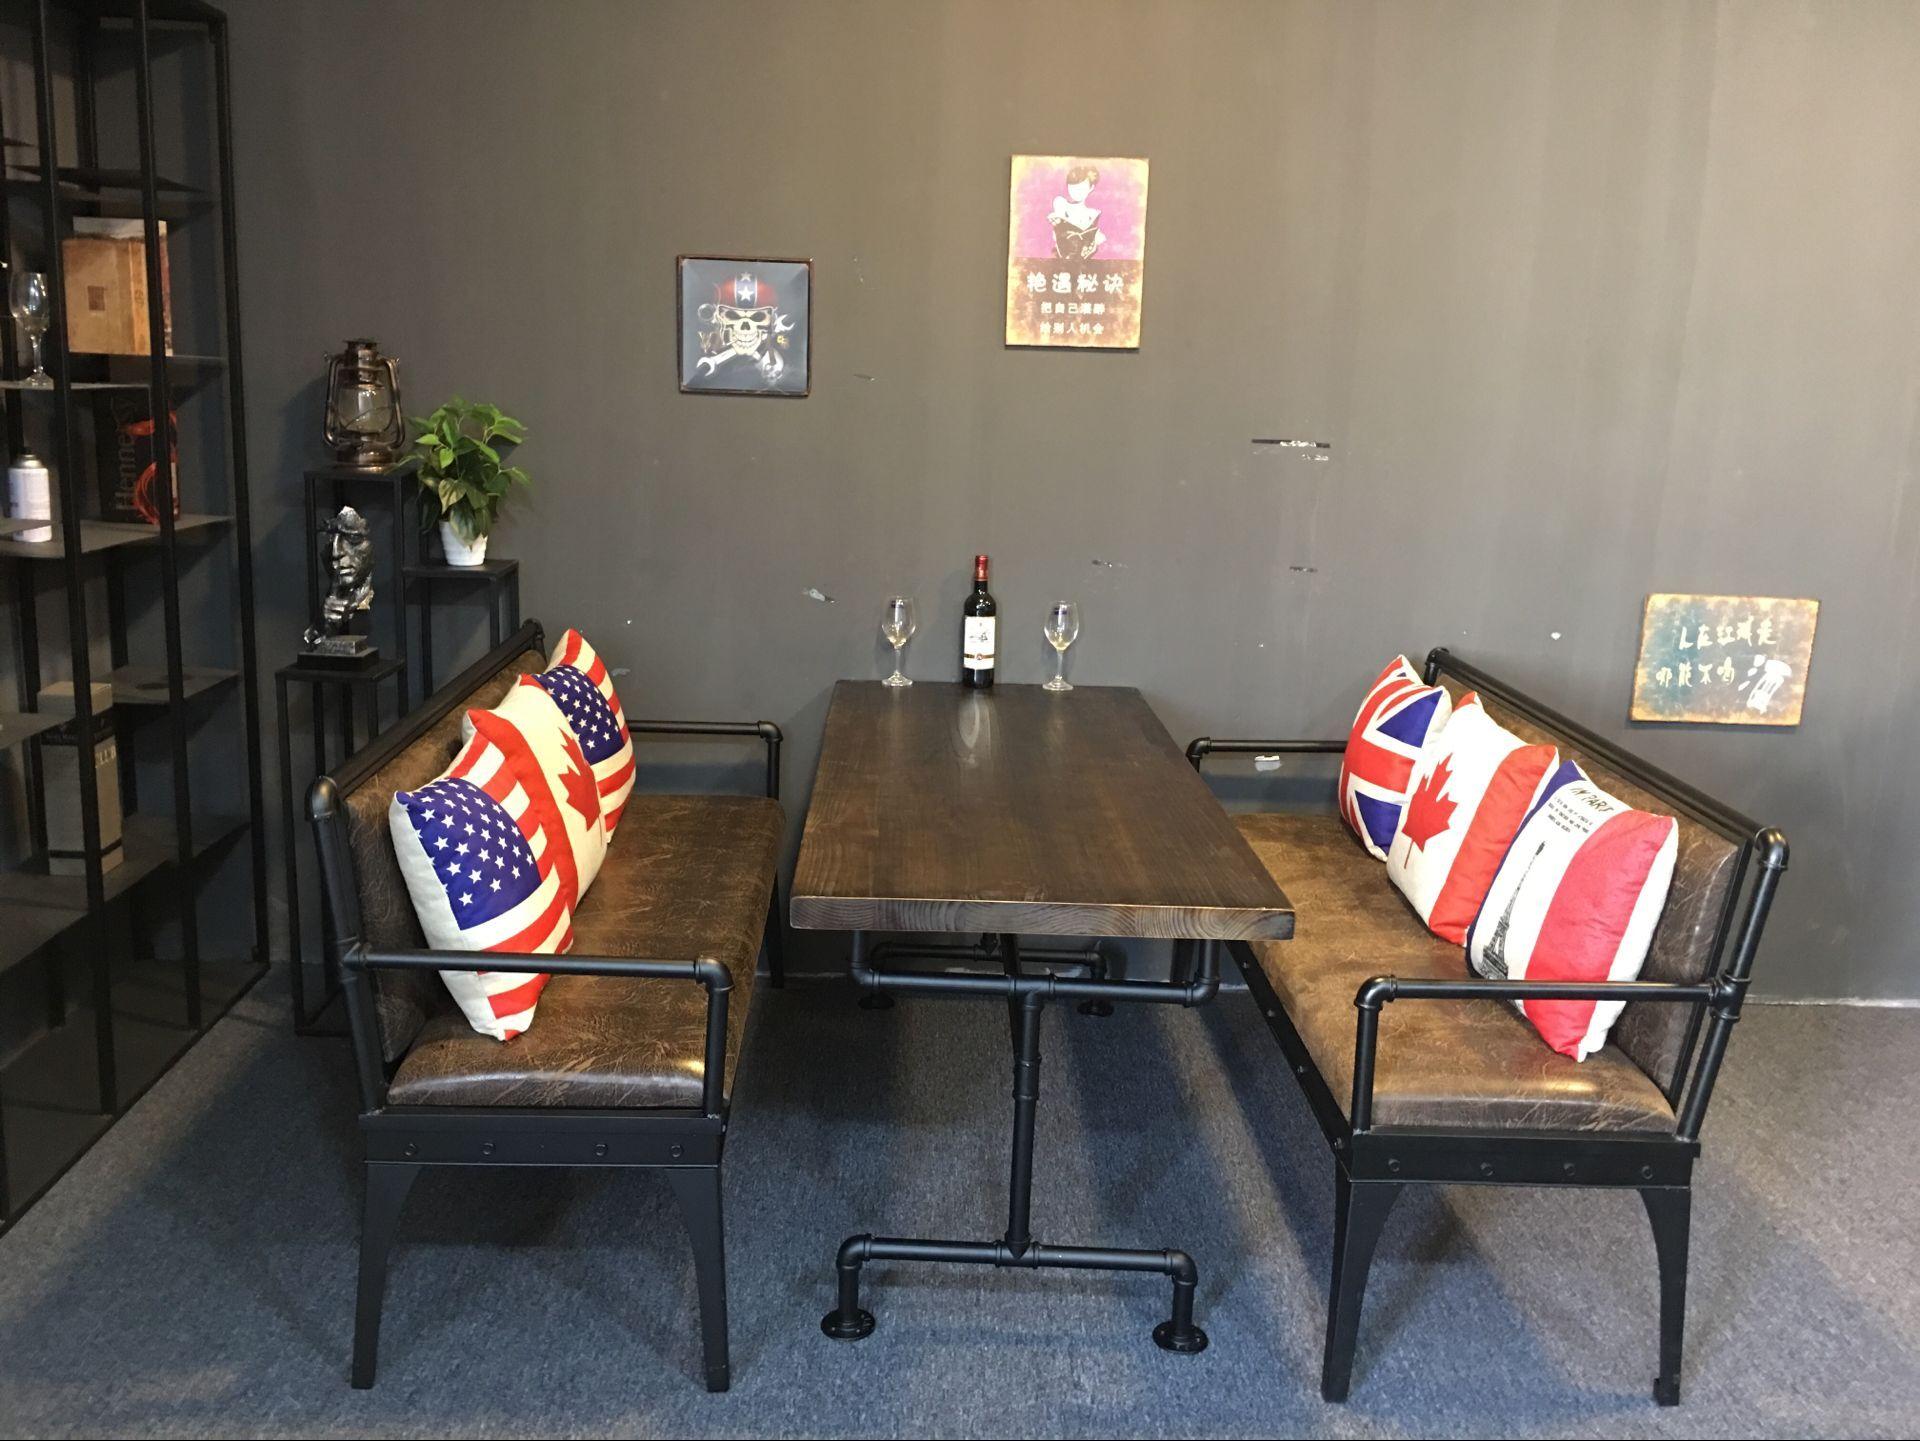 做旧餐厅卡座沙发桌椅